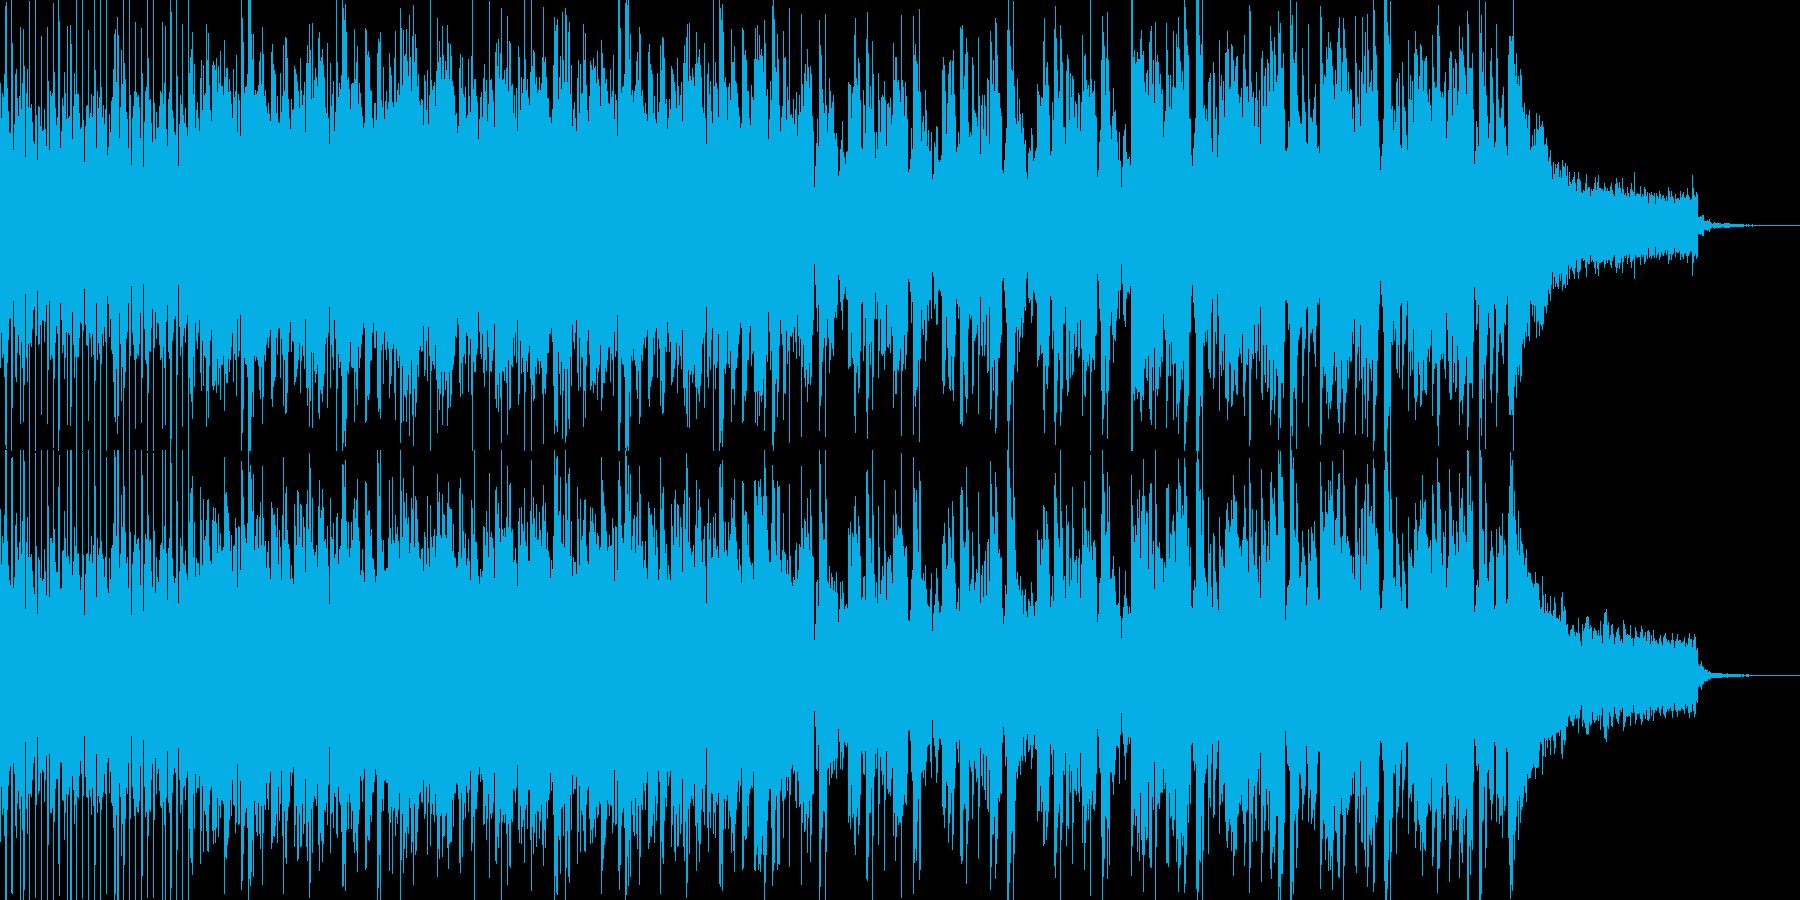 オープニング系エレクトロミュージックの再生済みの波形